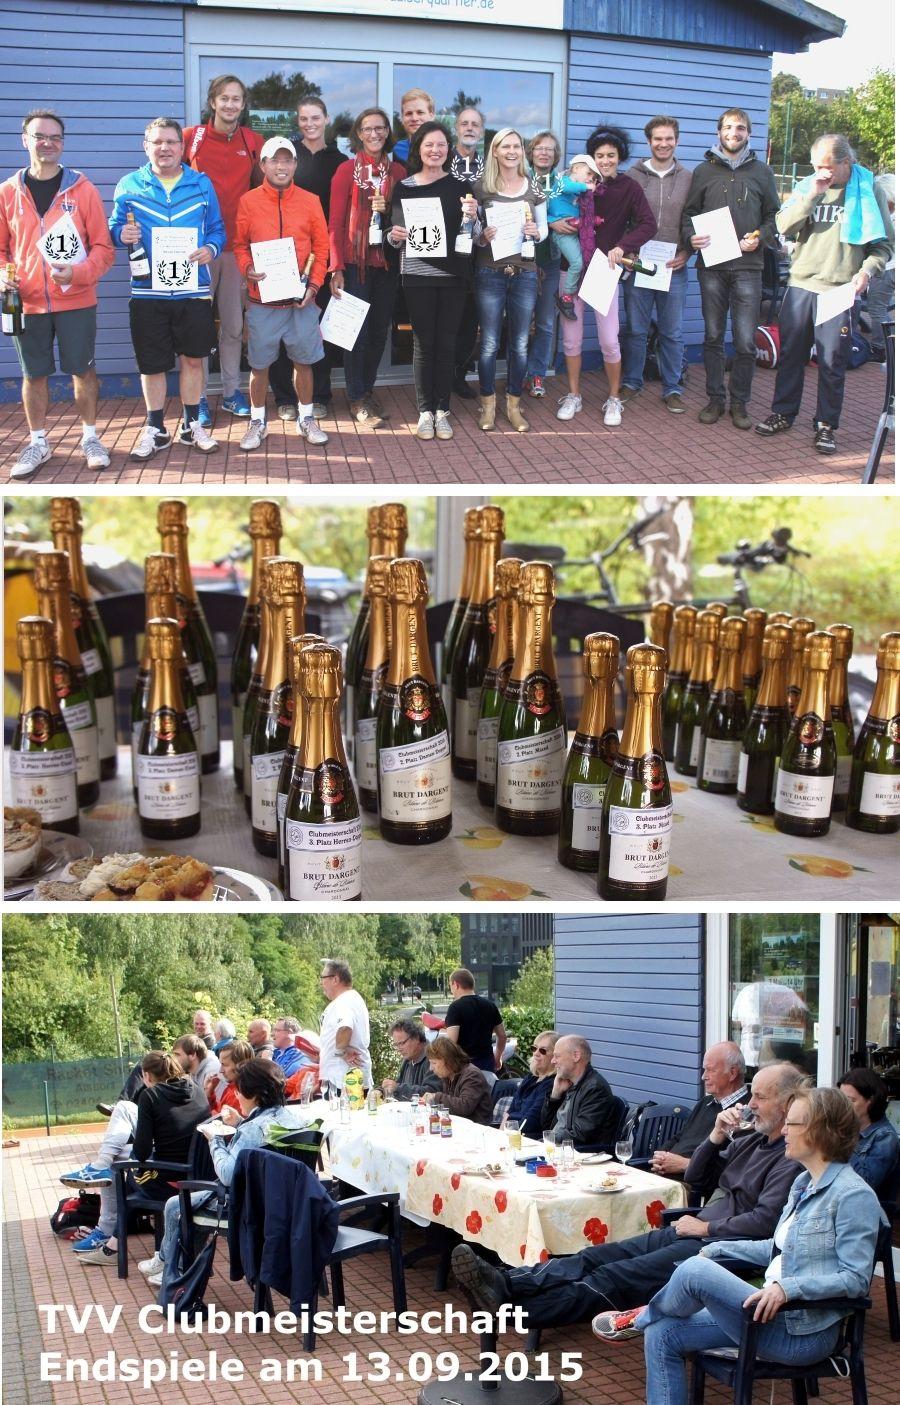 Endspiele und Siegerehrung der Clubmeisterschaften 2015